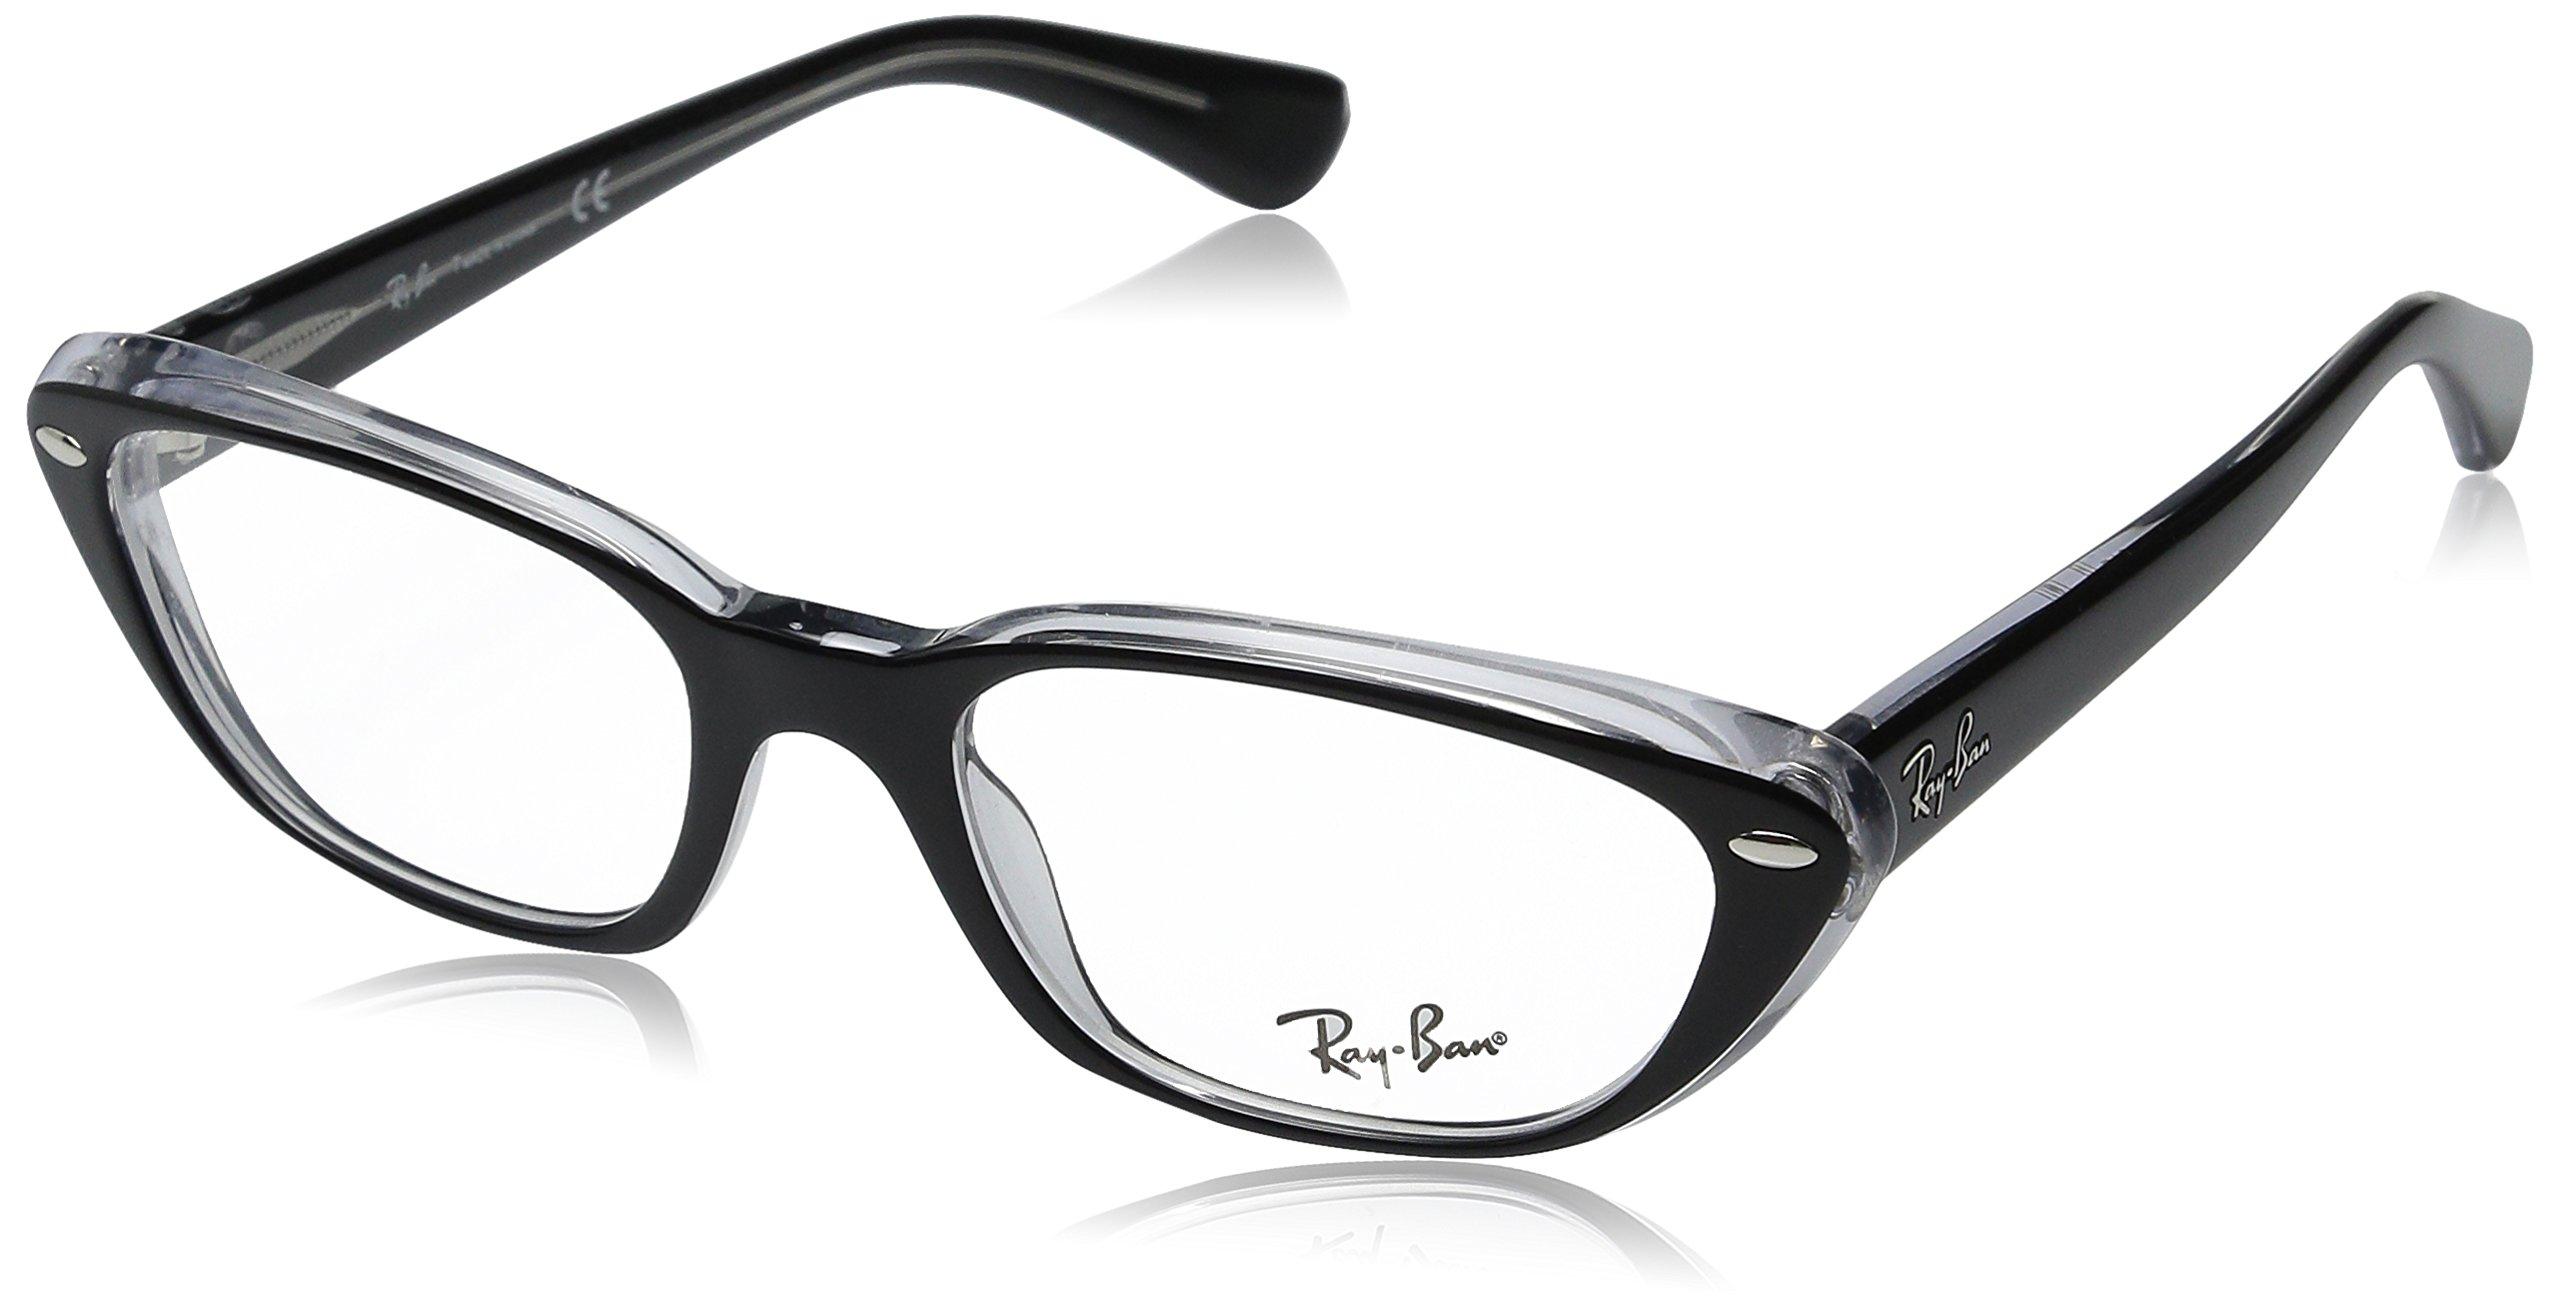 Ray Ban Eyeglasses RB 5242 BLACK 2034 RX5242 X53MM